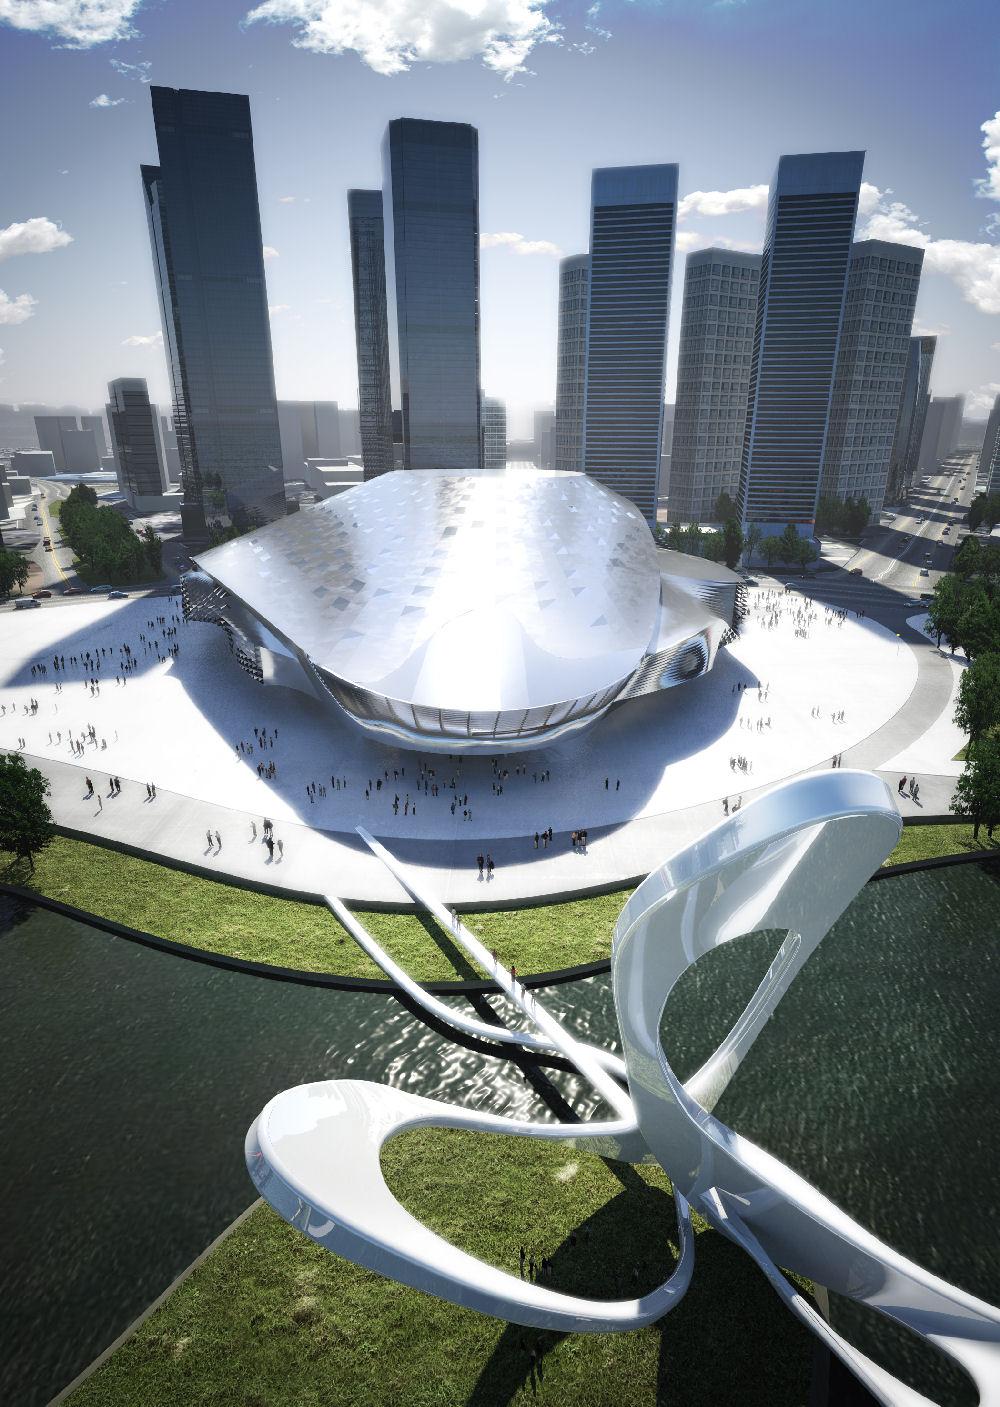 Noch mehr futuristische architektur energieleben - Futuristische architektur ...